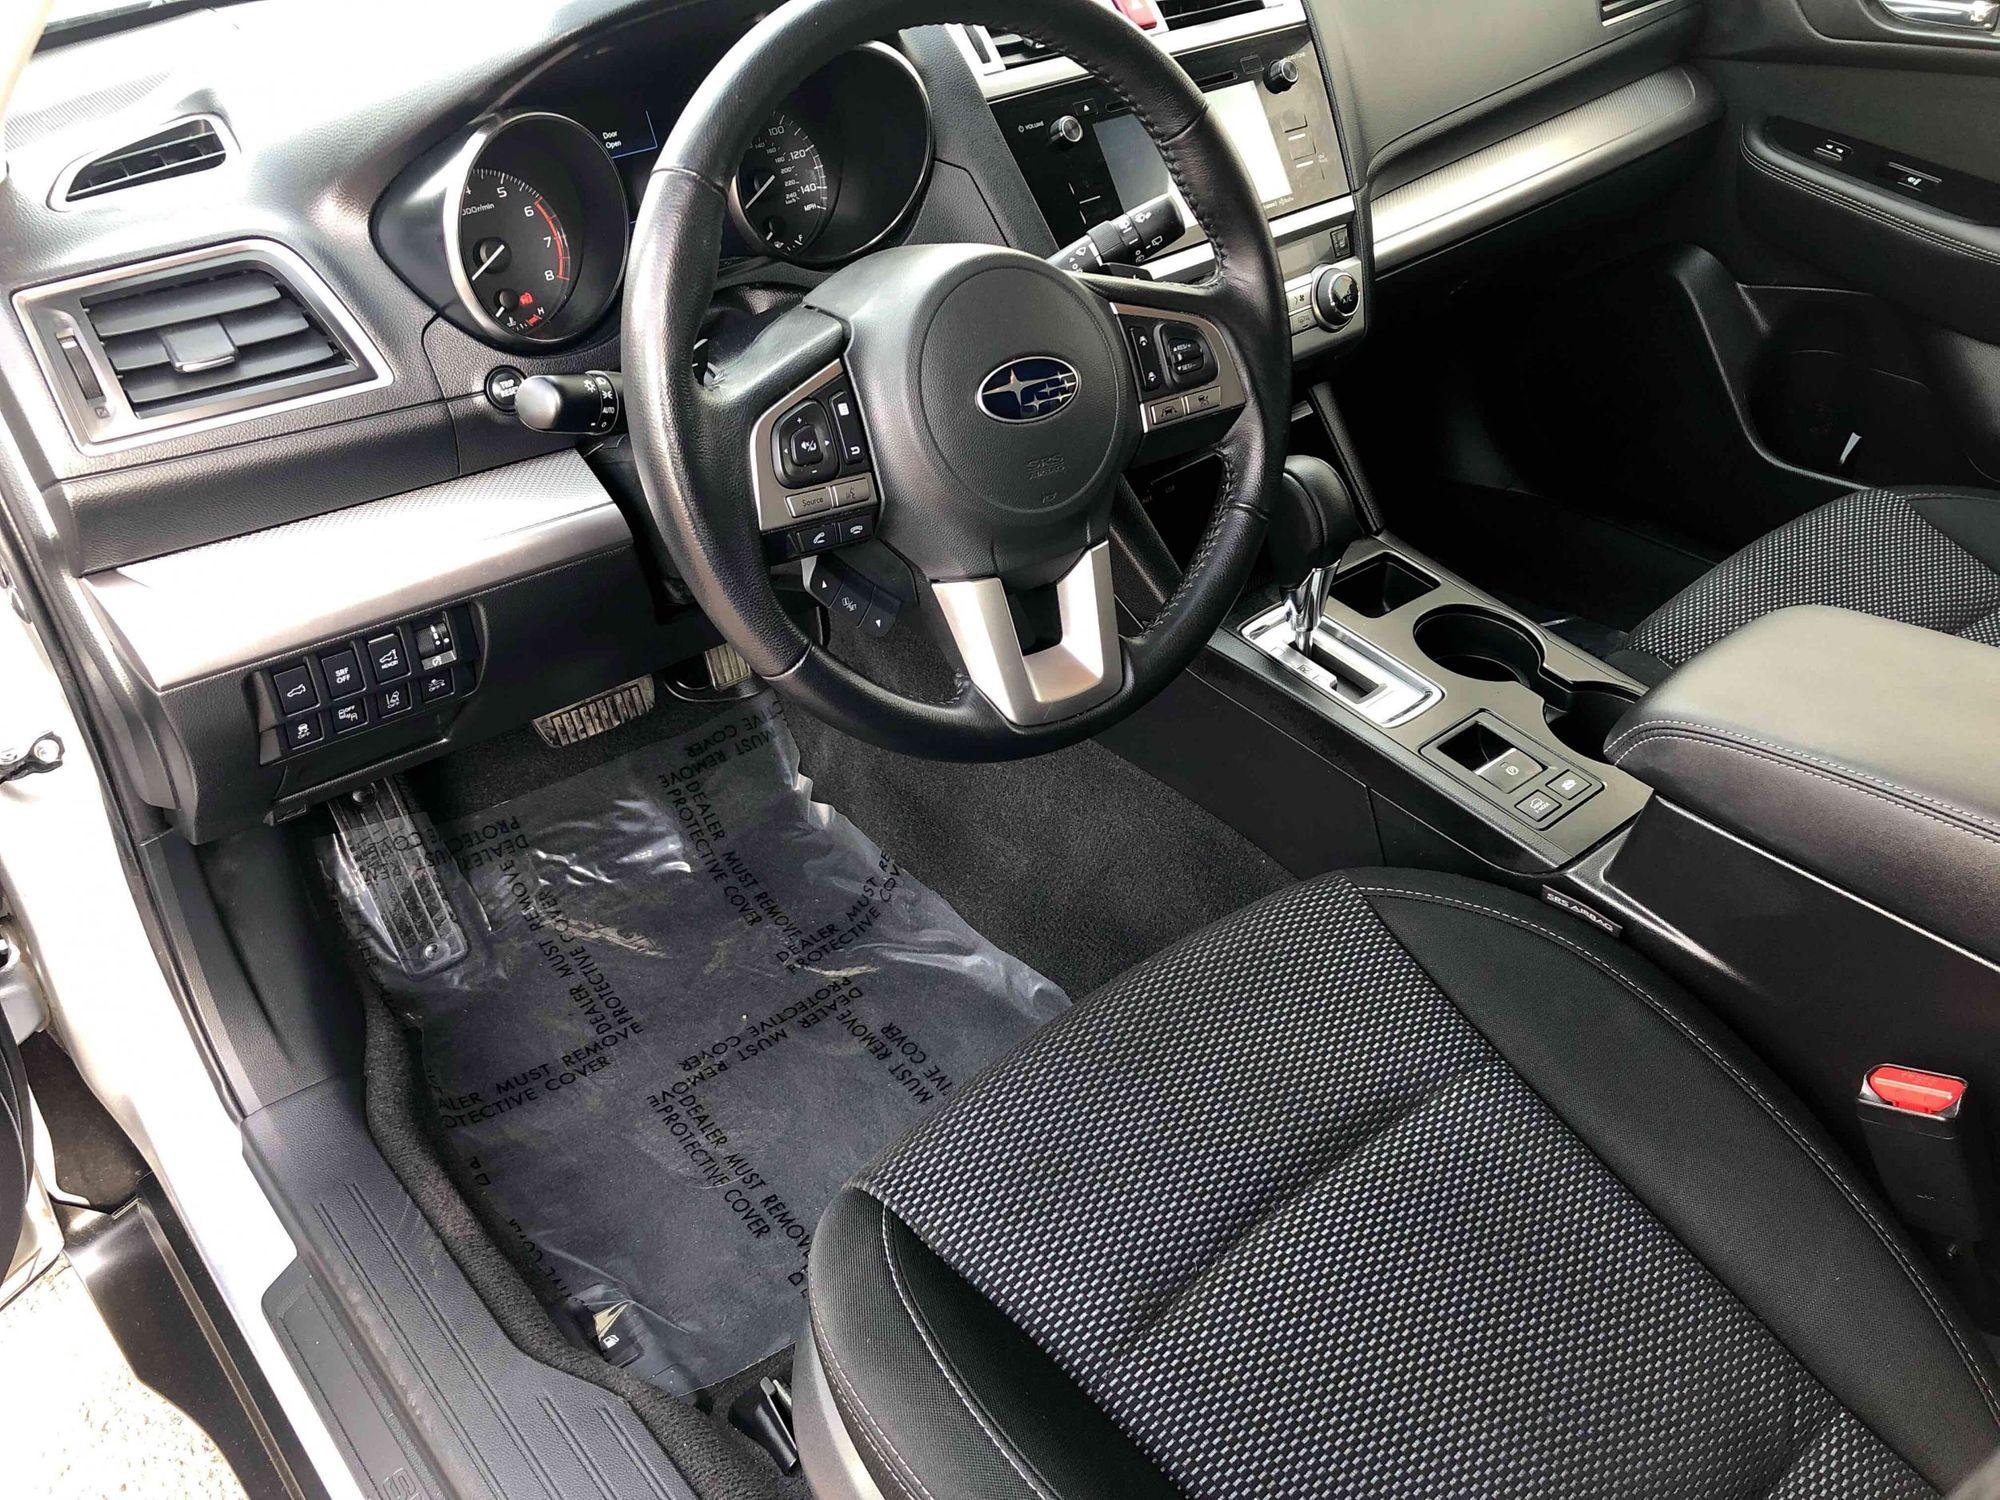 2016 Subaru Outback 2 5i Premium | The Denver Collection